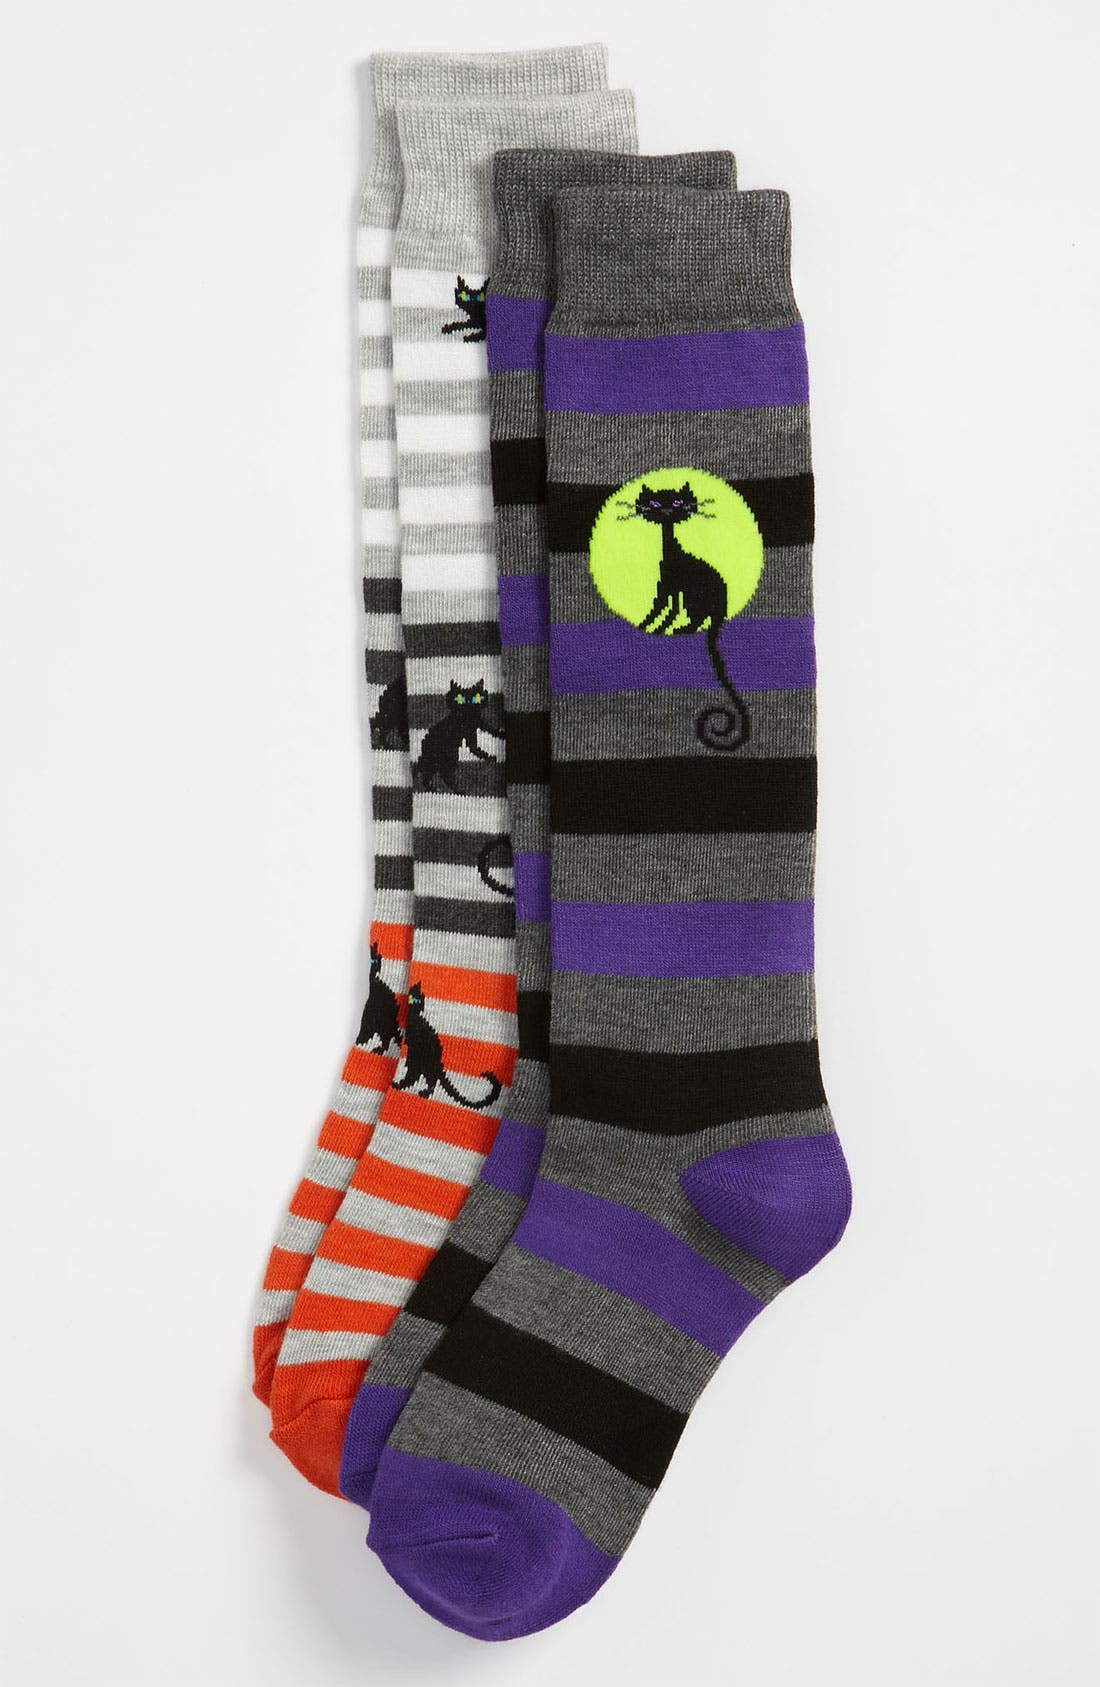 Alternate Image 1 Selected - Nordstrom 'Moonlight Cat' Knee High Socks (2-Pack) (Toddler, Little Boys & Big Boys)